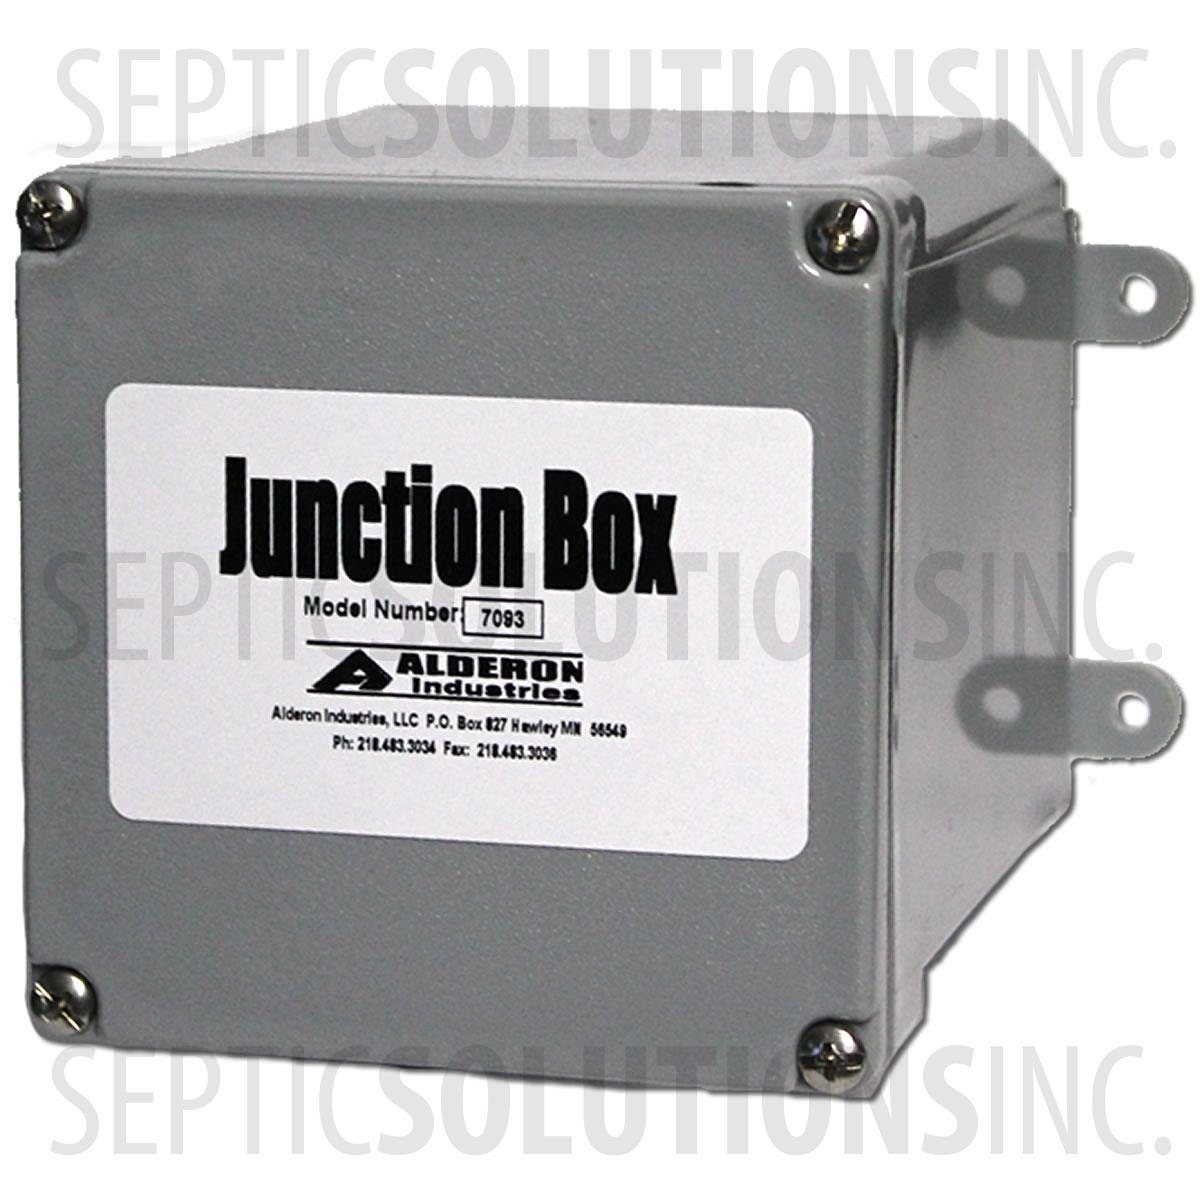 Alderon Small Junction Box 4 Quot X 4 Quot X 4 Quot 7093 Free